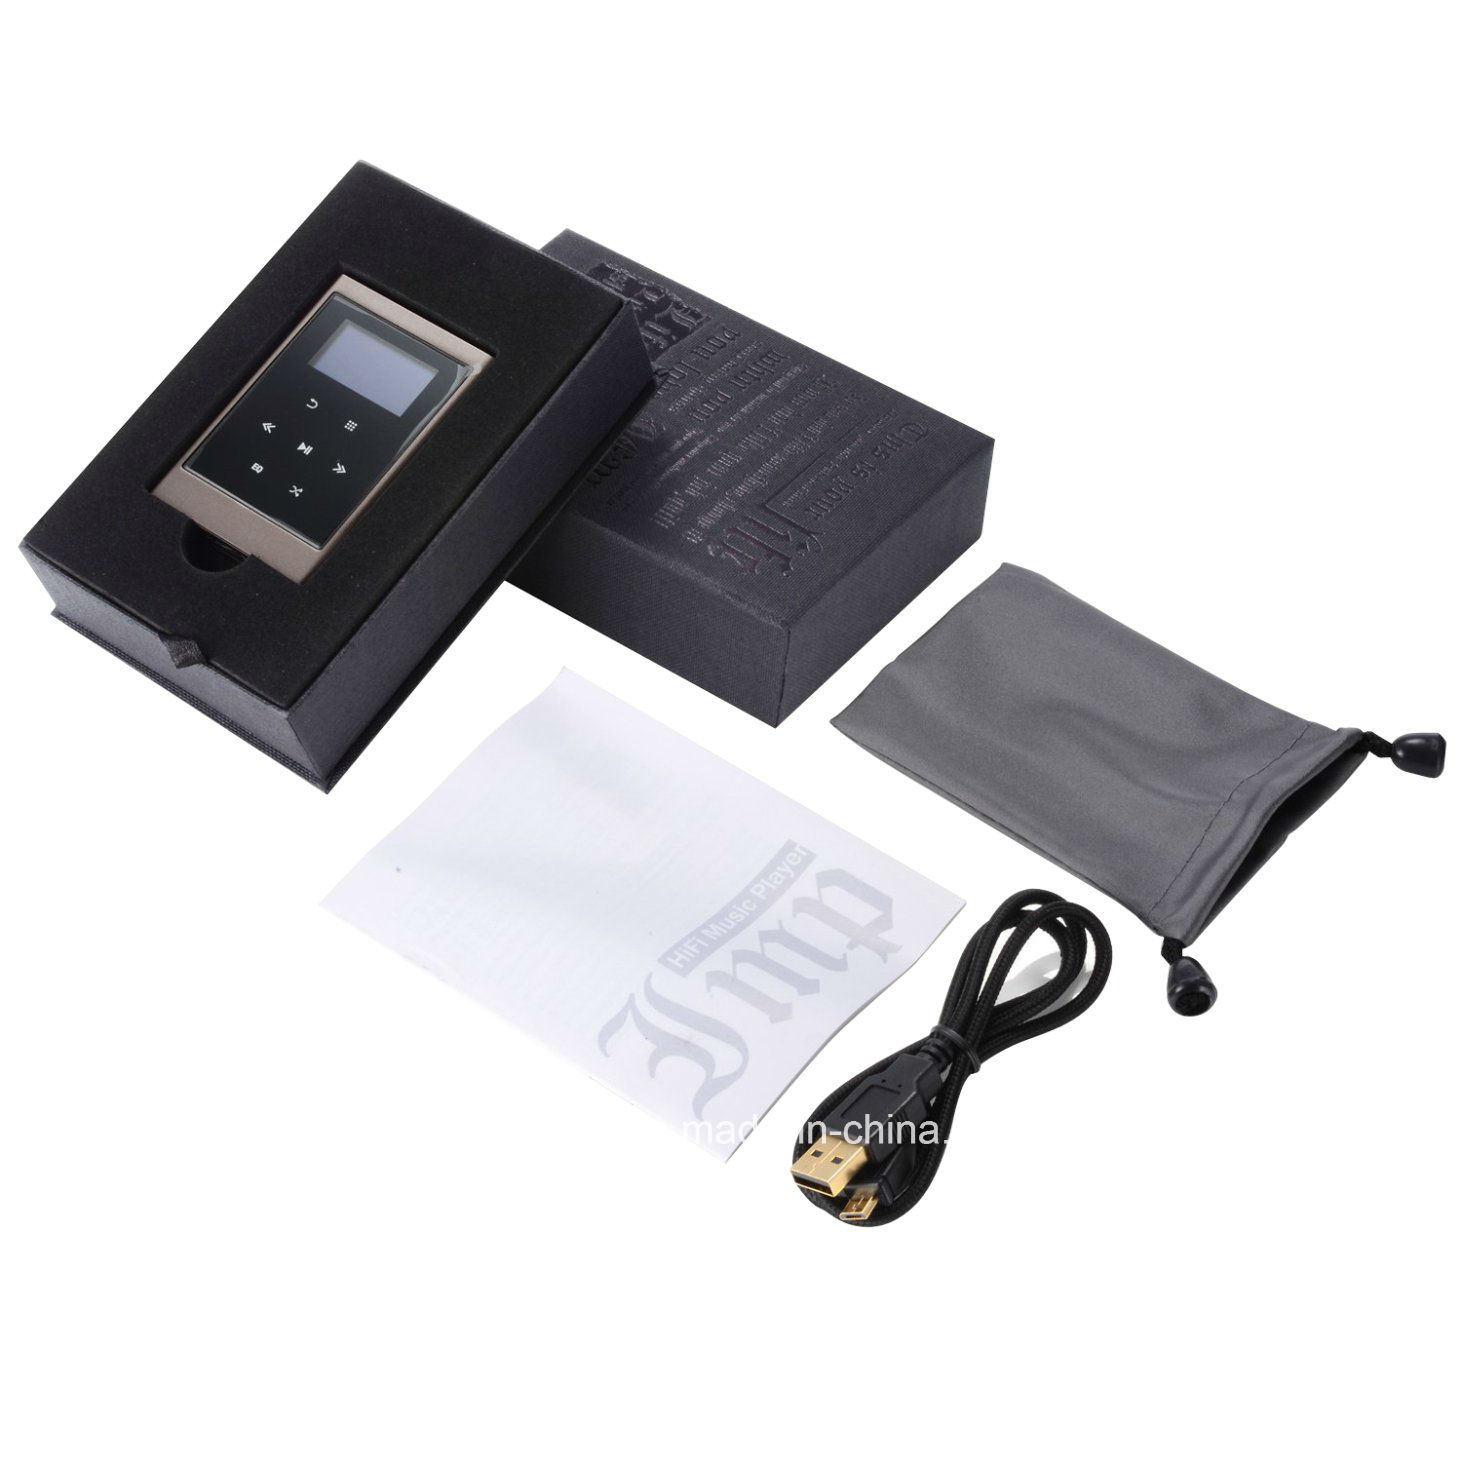 1.3 Inch HiFi MP3 Player